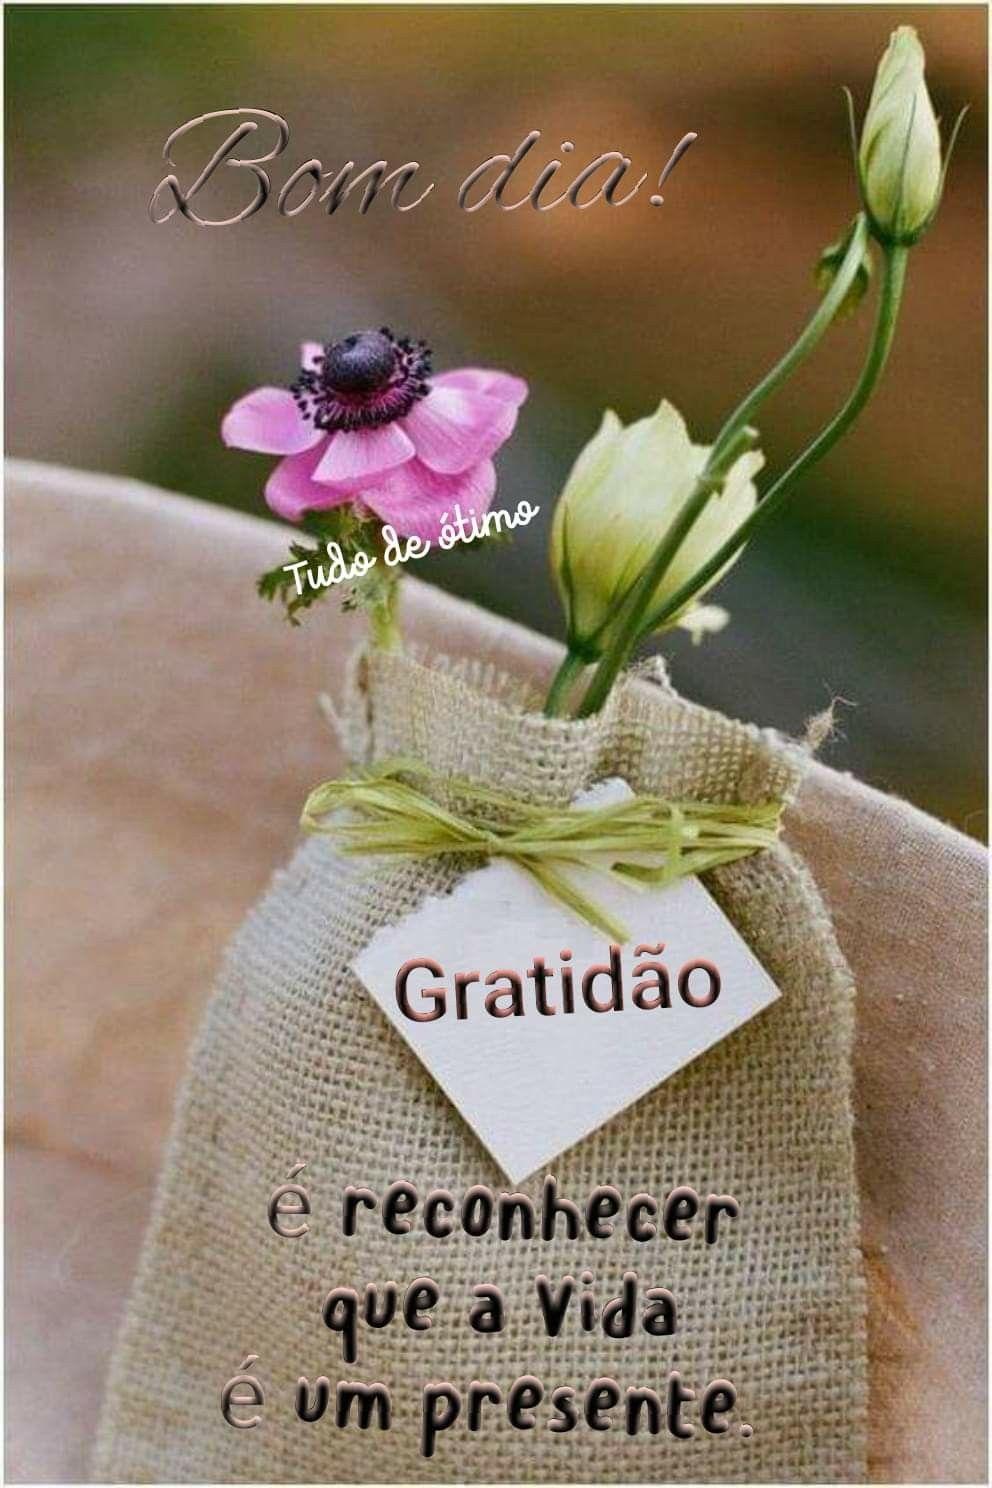 Pin De Ana Maria Em Greetings Saludos Bom Dia Com Jesus Bom